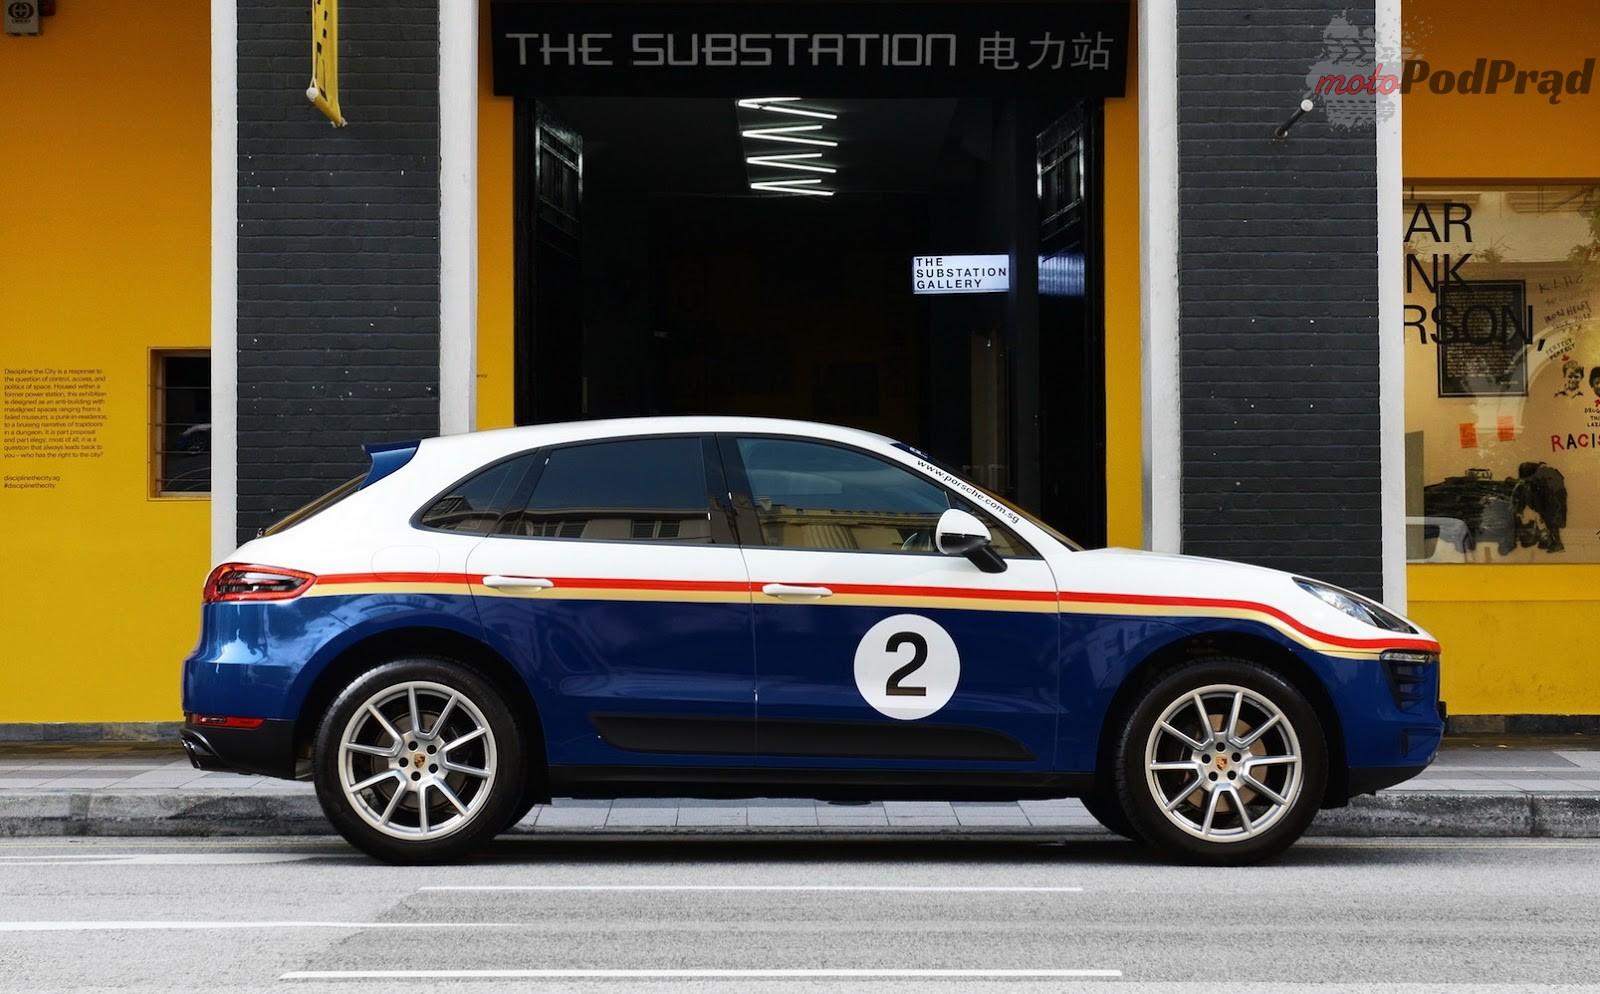 Porsche Macan 4 Porsche Macan w klasycznych malowaniach z LeMans   dlaczego nie?